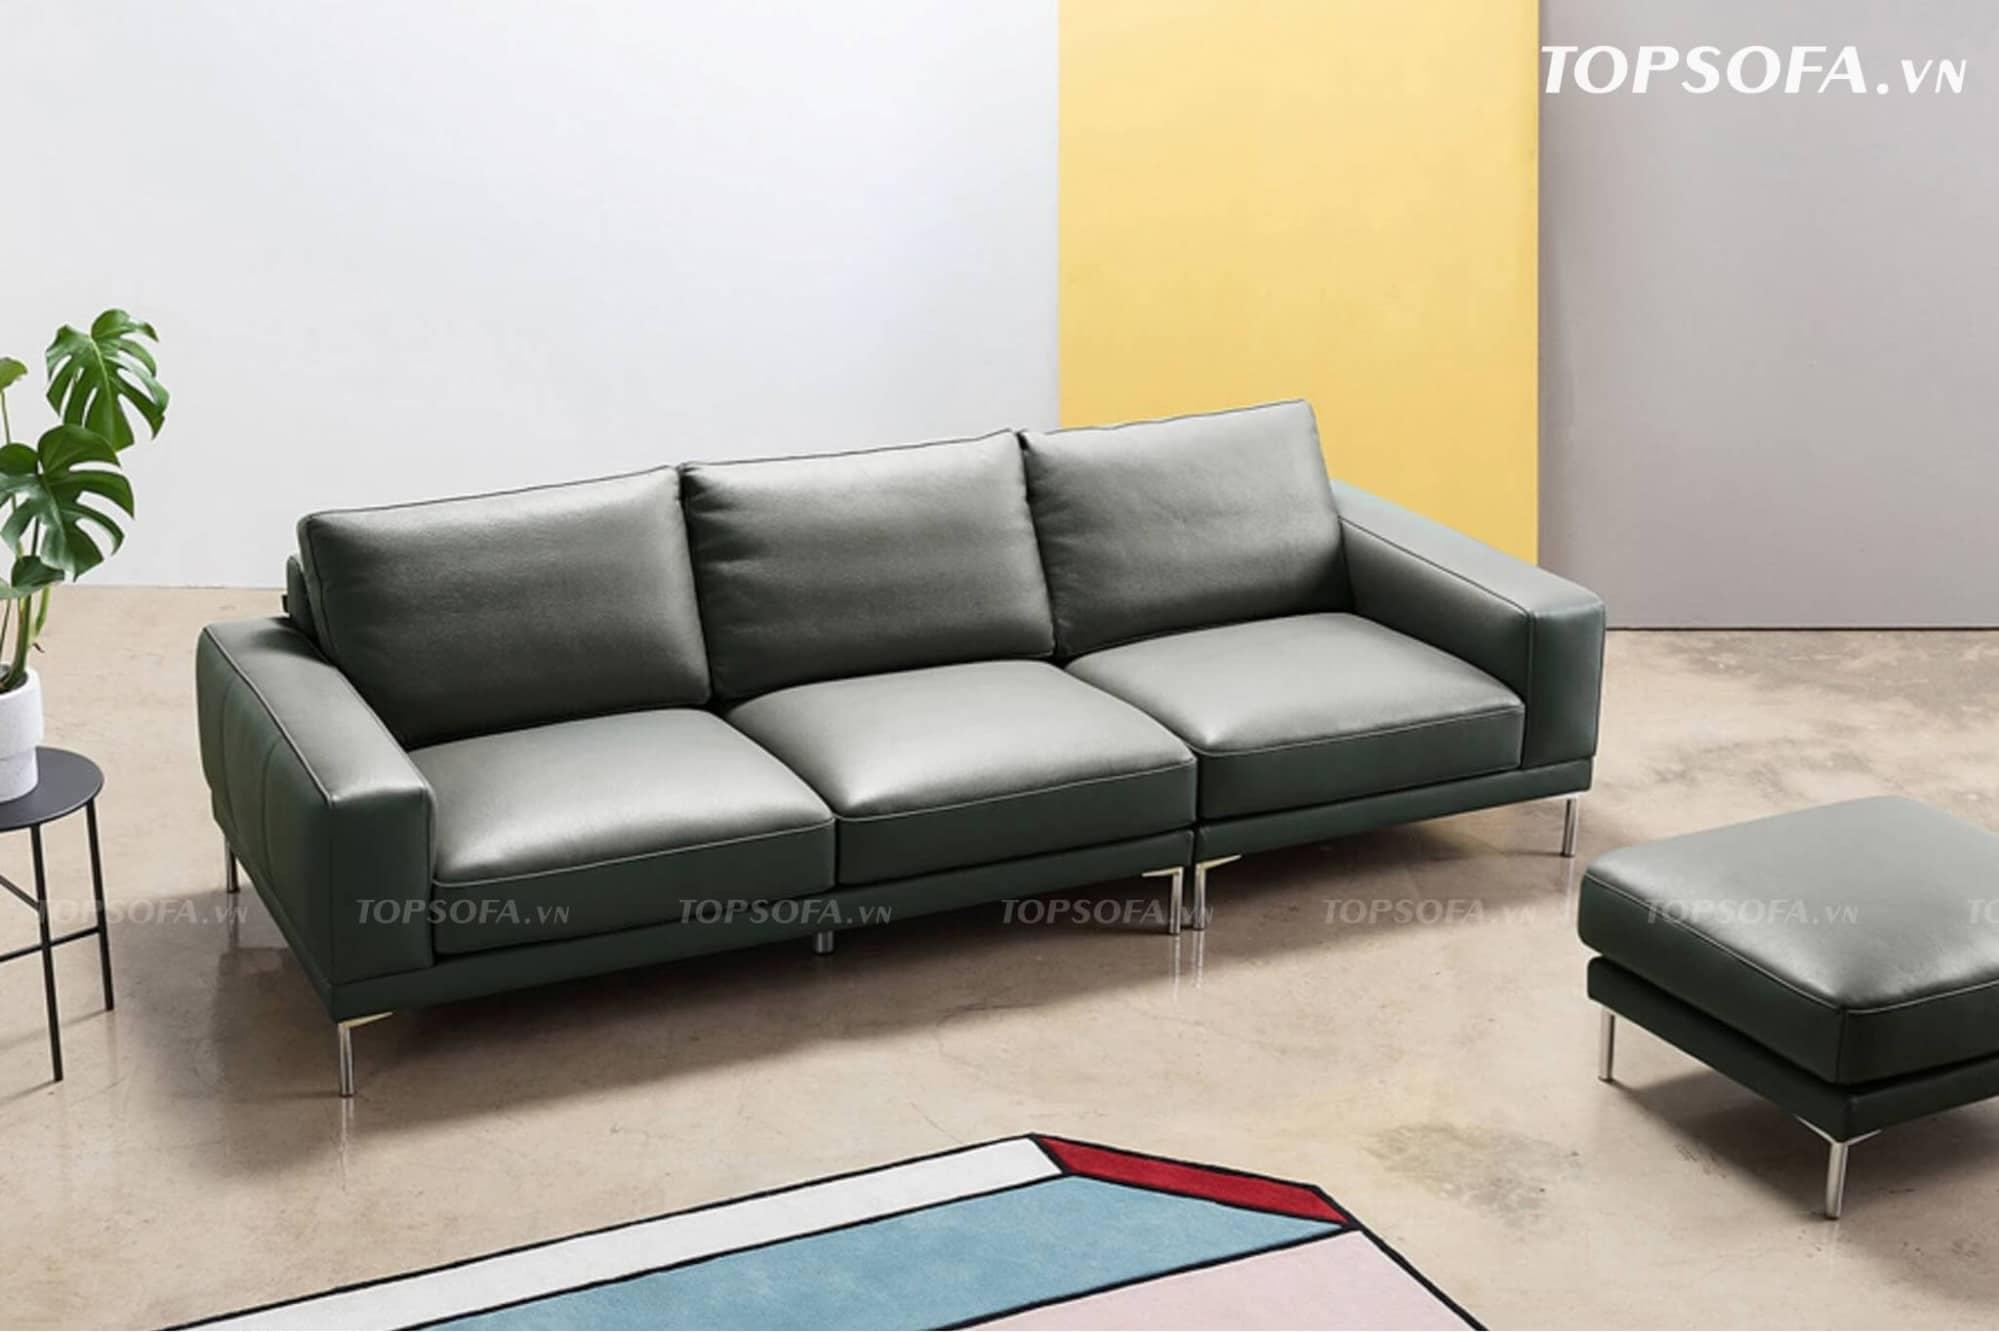 Sofa văng da TS334 màu ghi đen